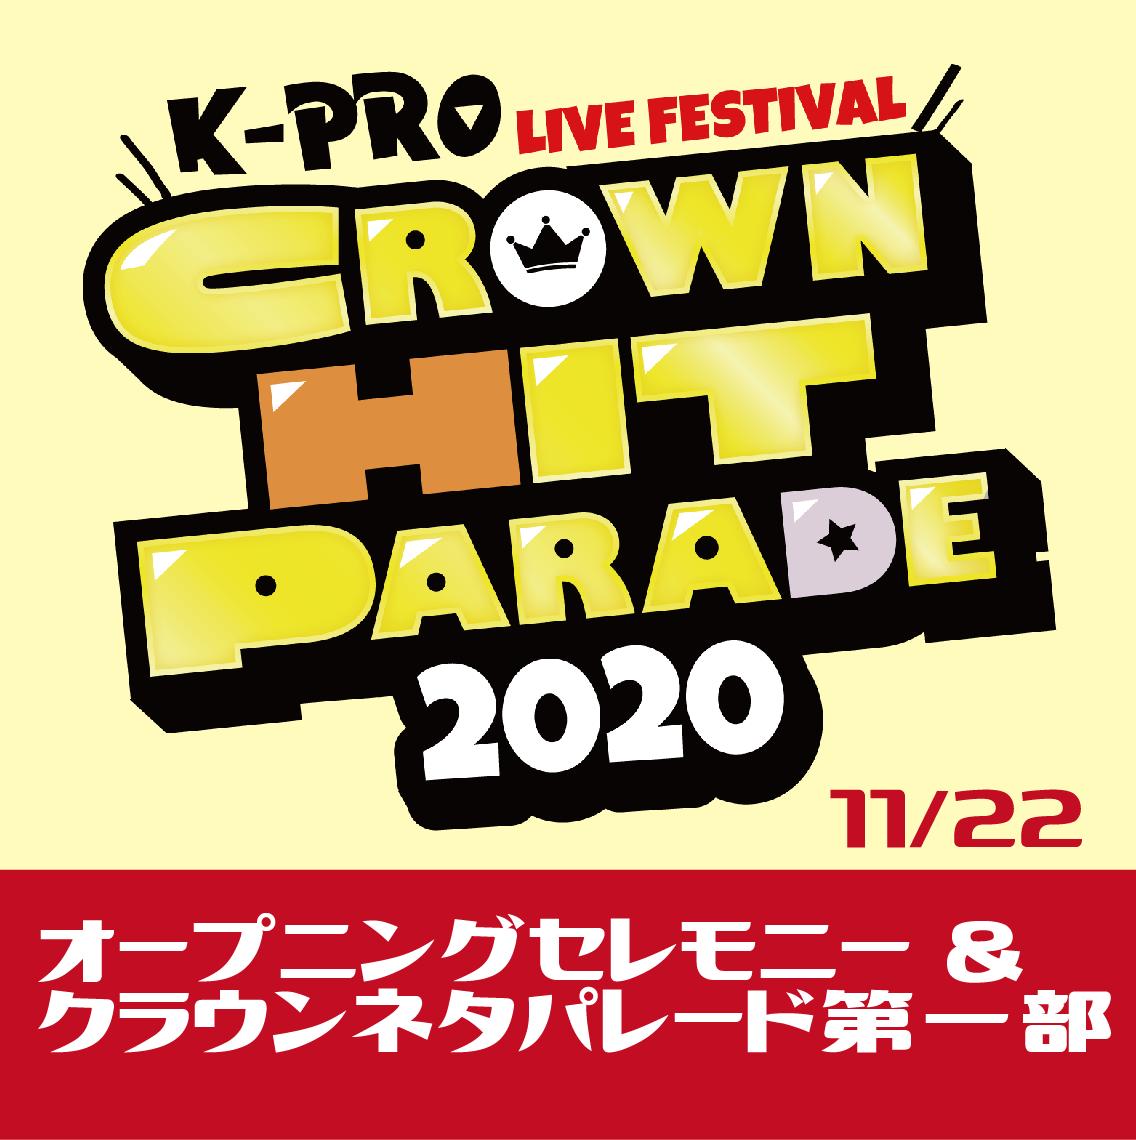 【11/22】オープニングセレモニー&クラウンネタパレード第一部